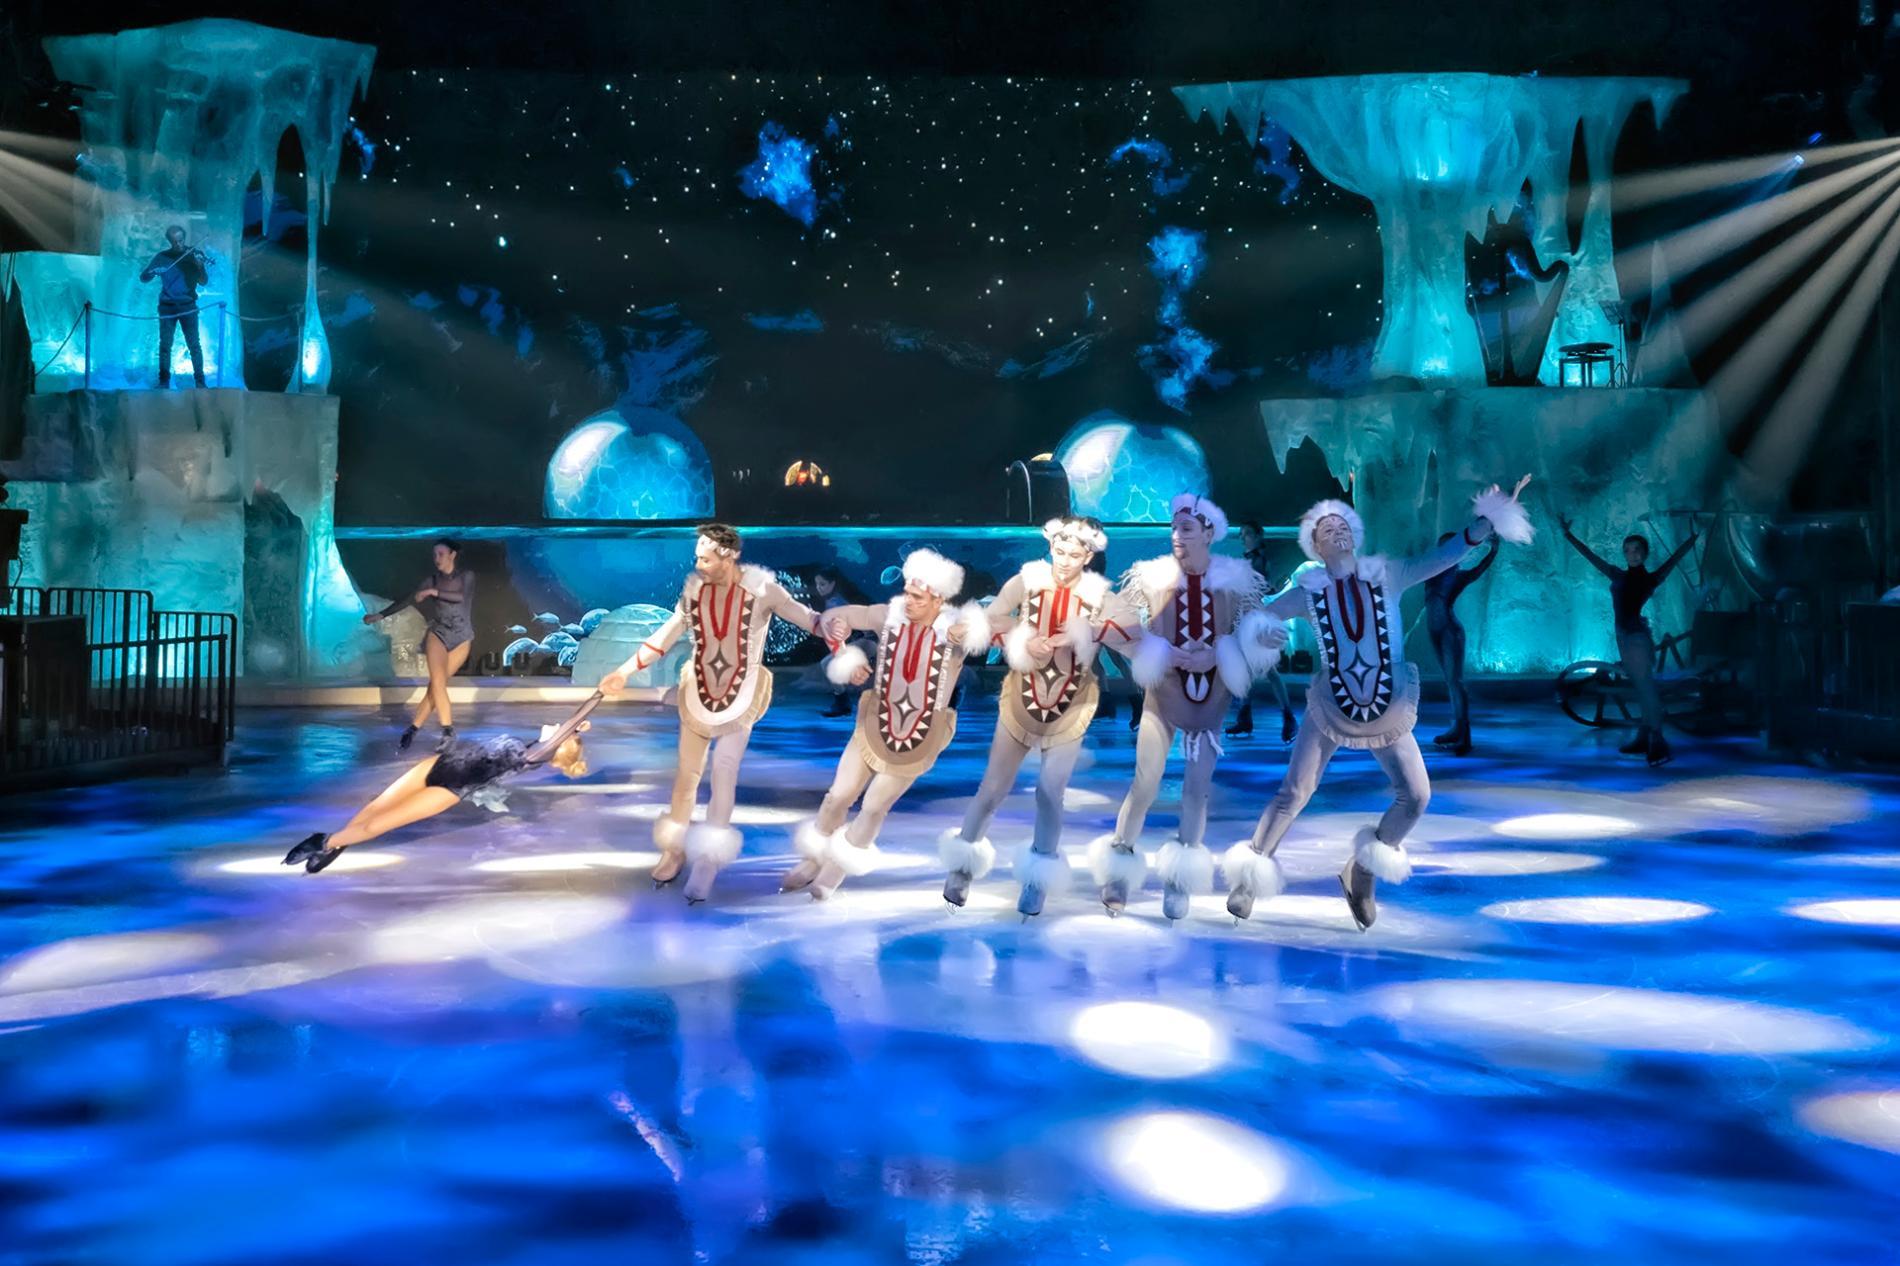 Patinadores sobre hielo durante el espectáculo